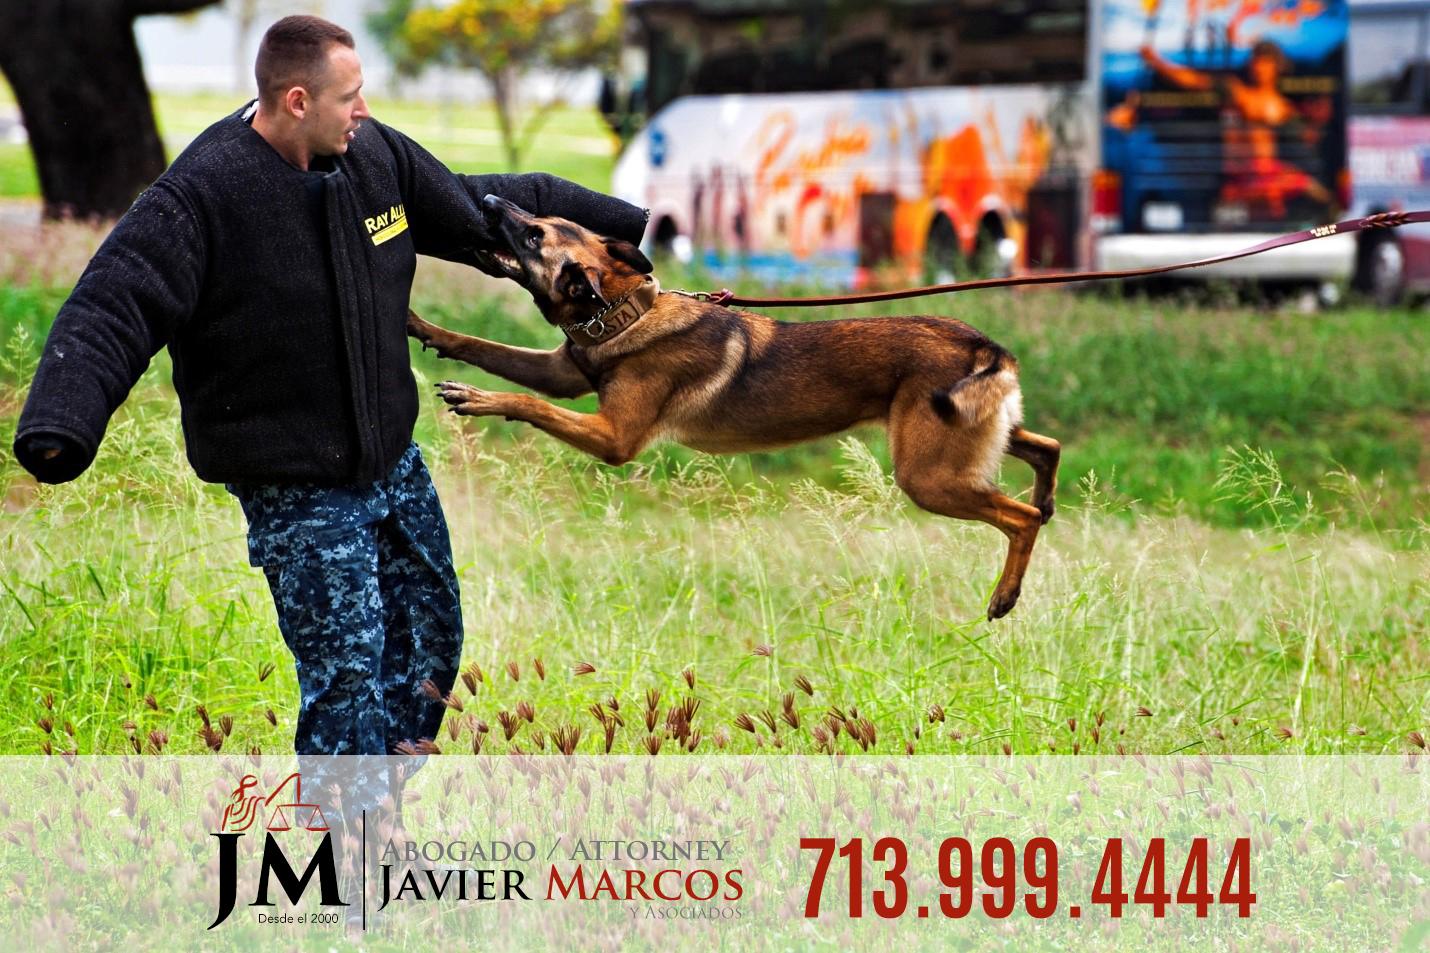 Ataque de perro   Abogado Javier Marcos   713.999.4444